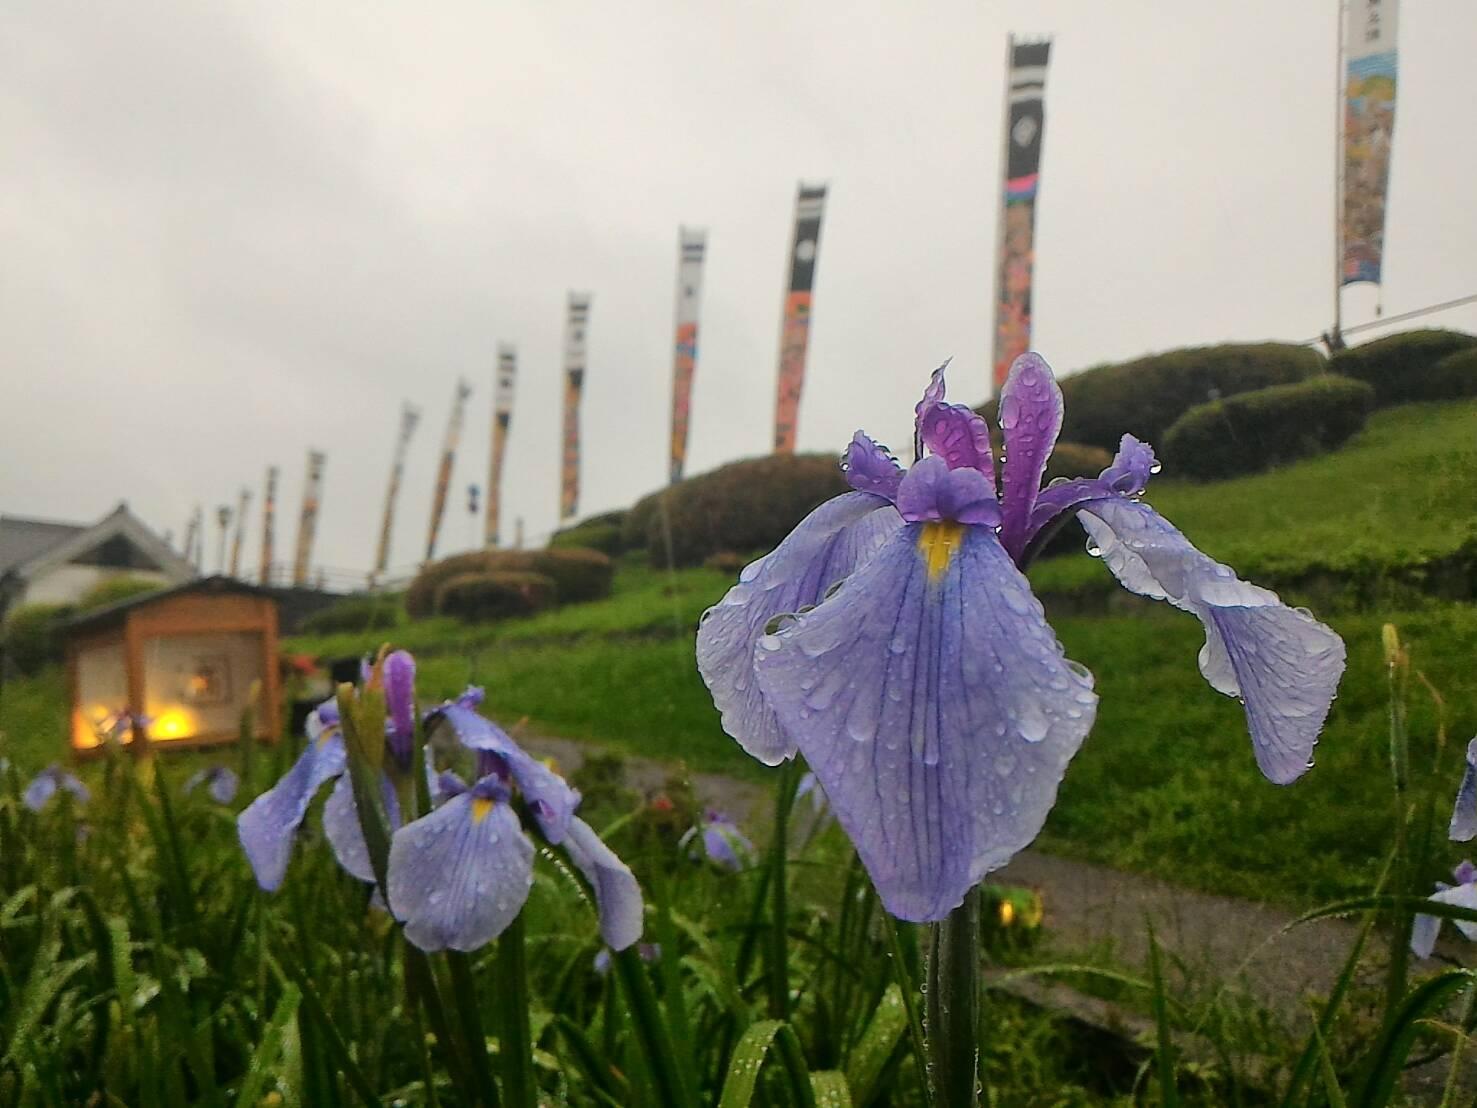 雨の花菖蒲もキレイです。